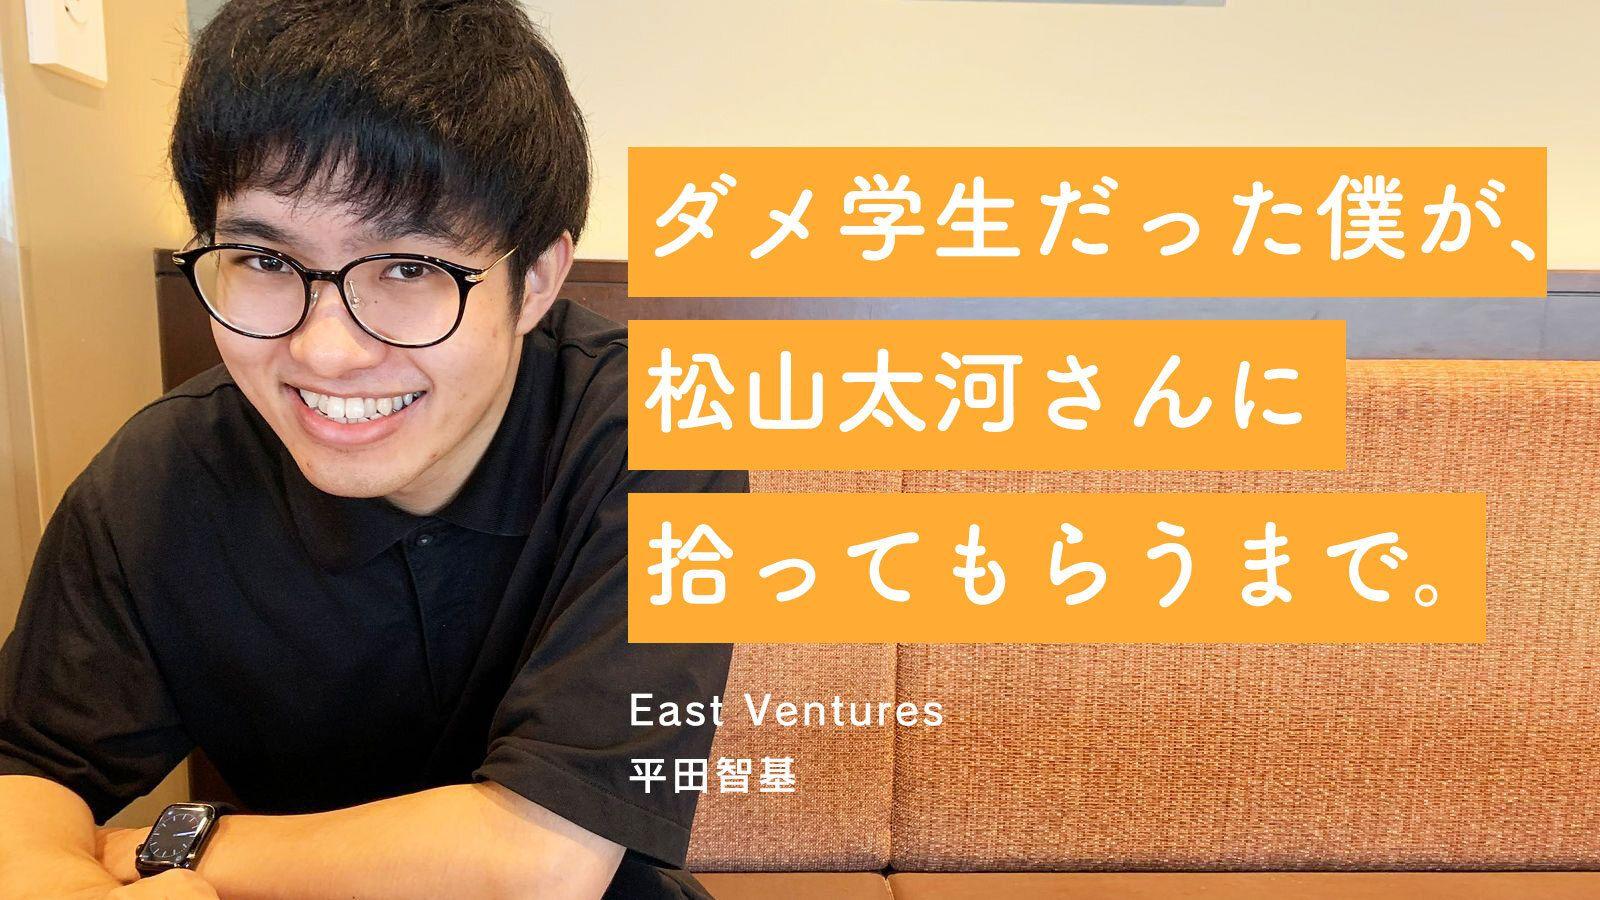 ダメ学生だった僕が、松山太河さんに拾ってもらうまで。Twitterで人生が一変した話|平田智基